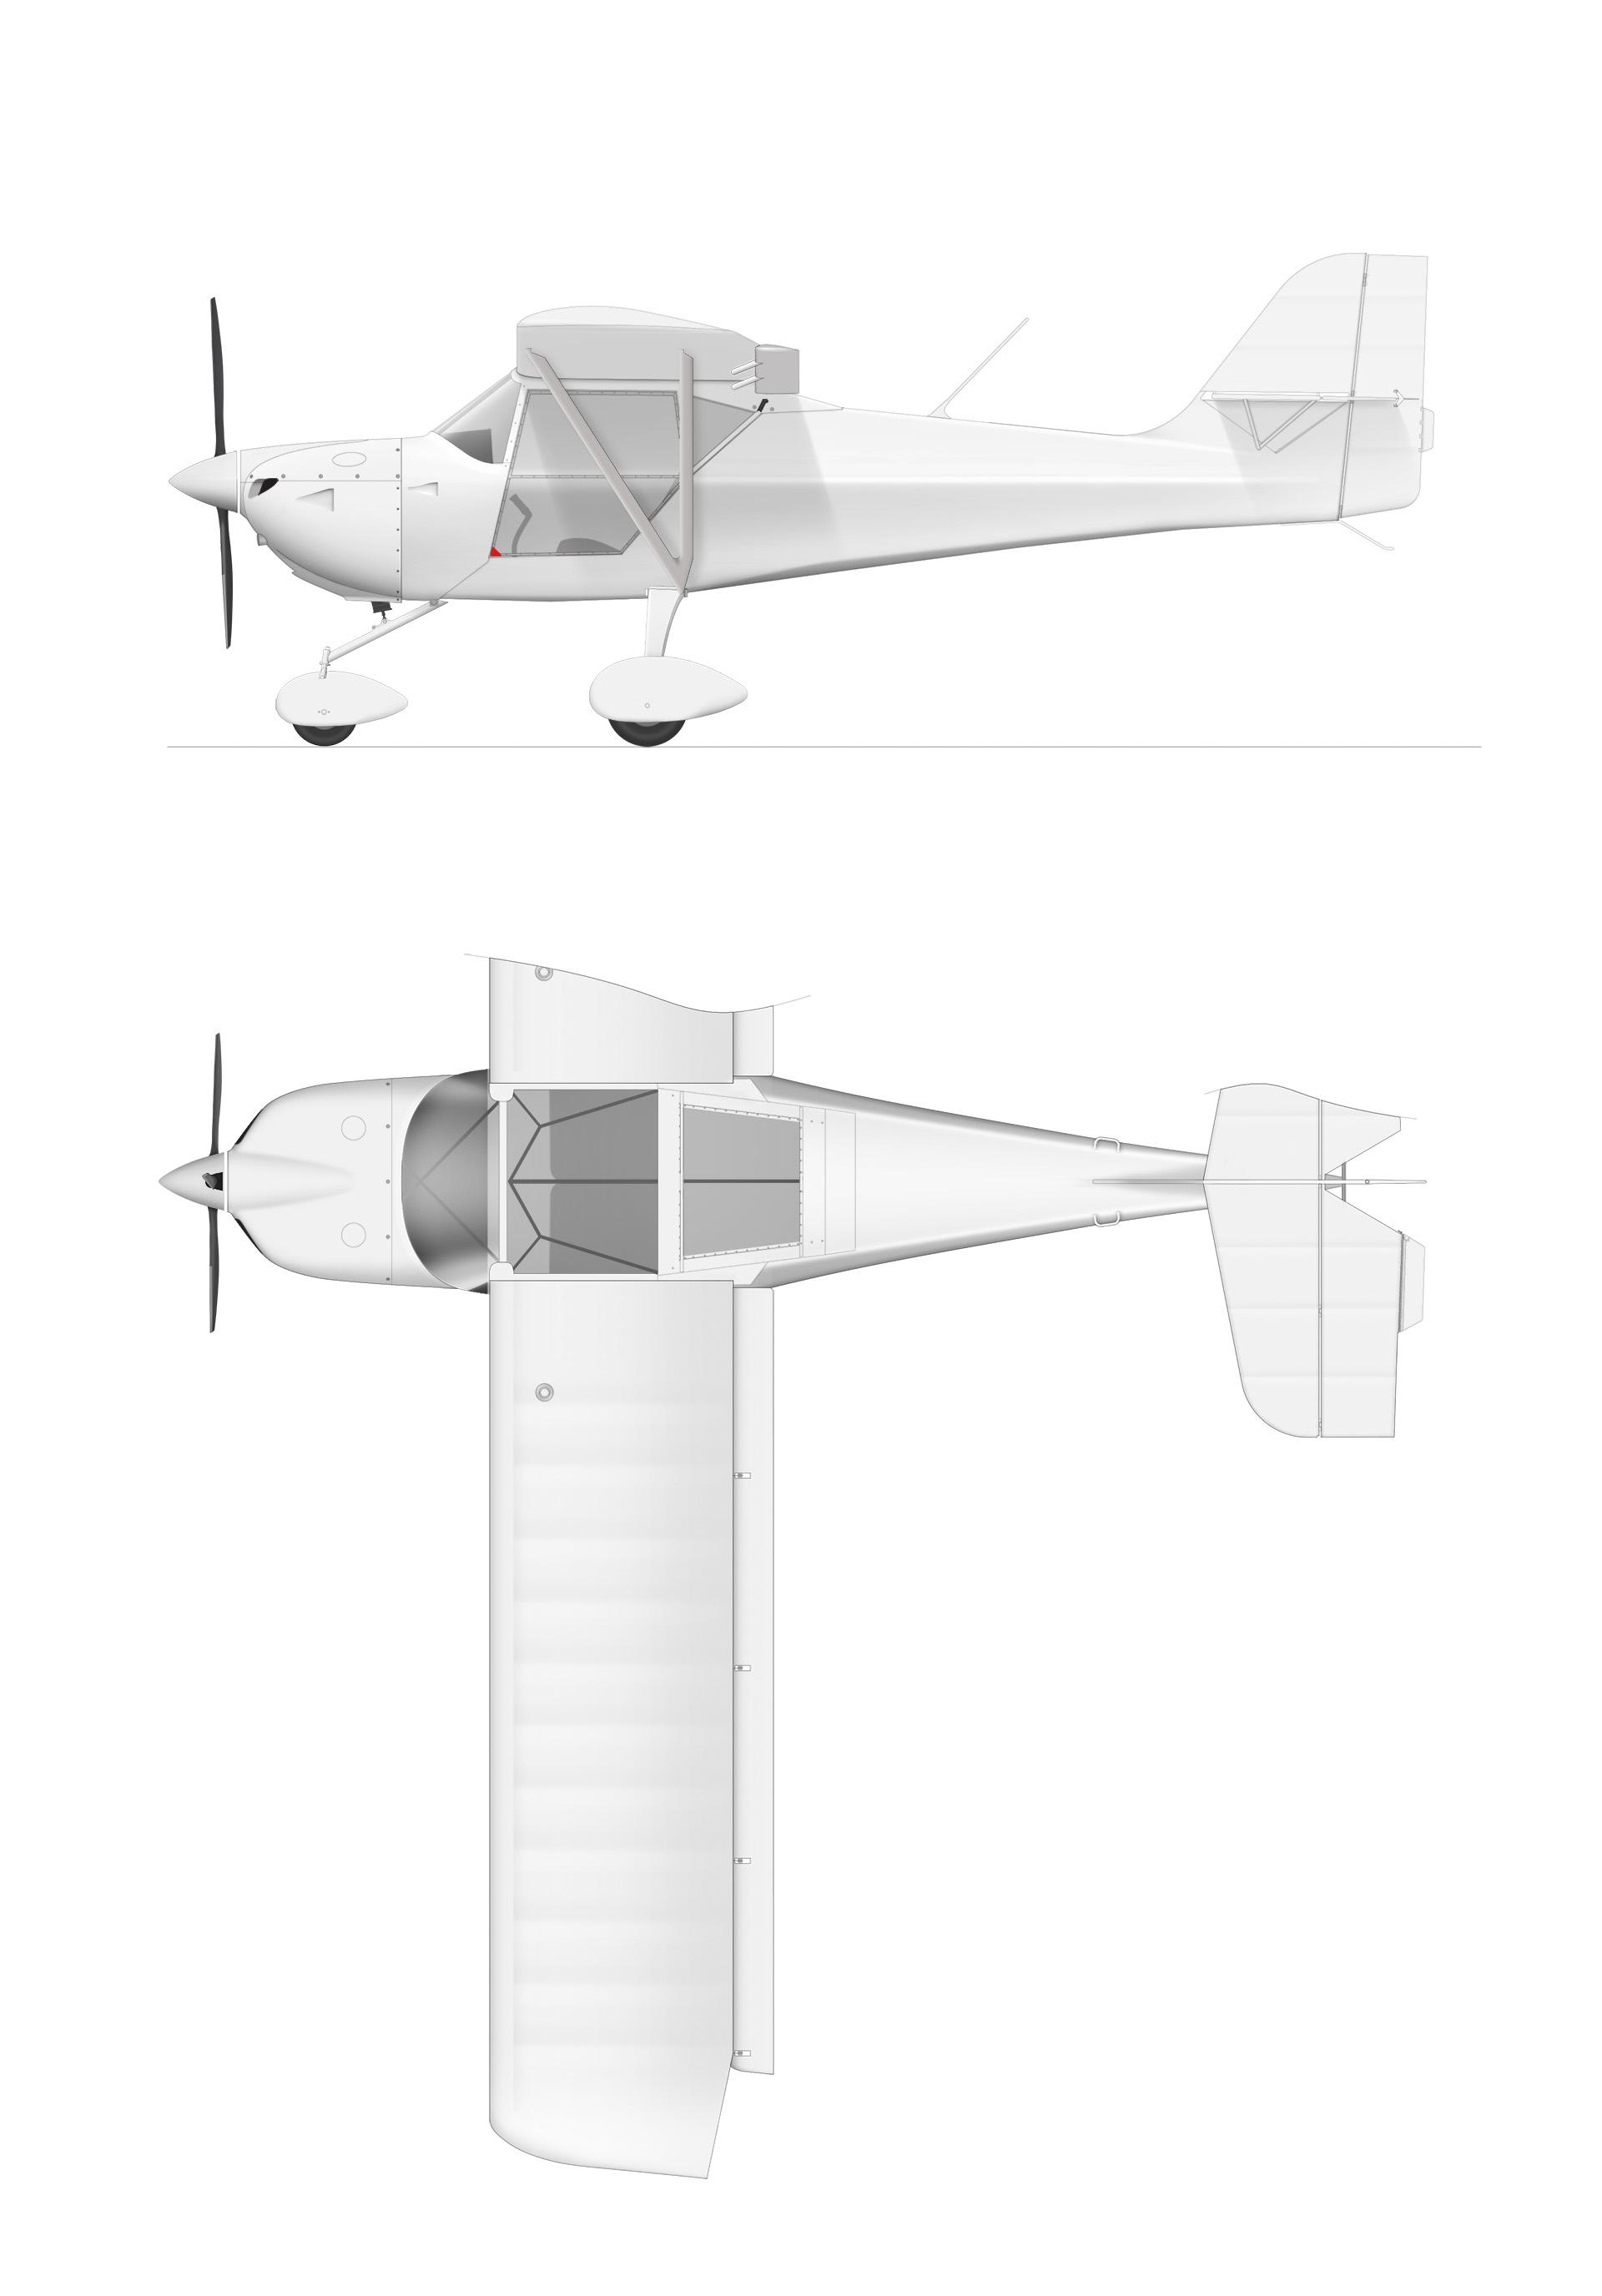 Eurofox — Aeropro